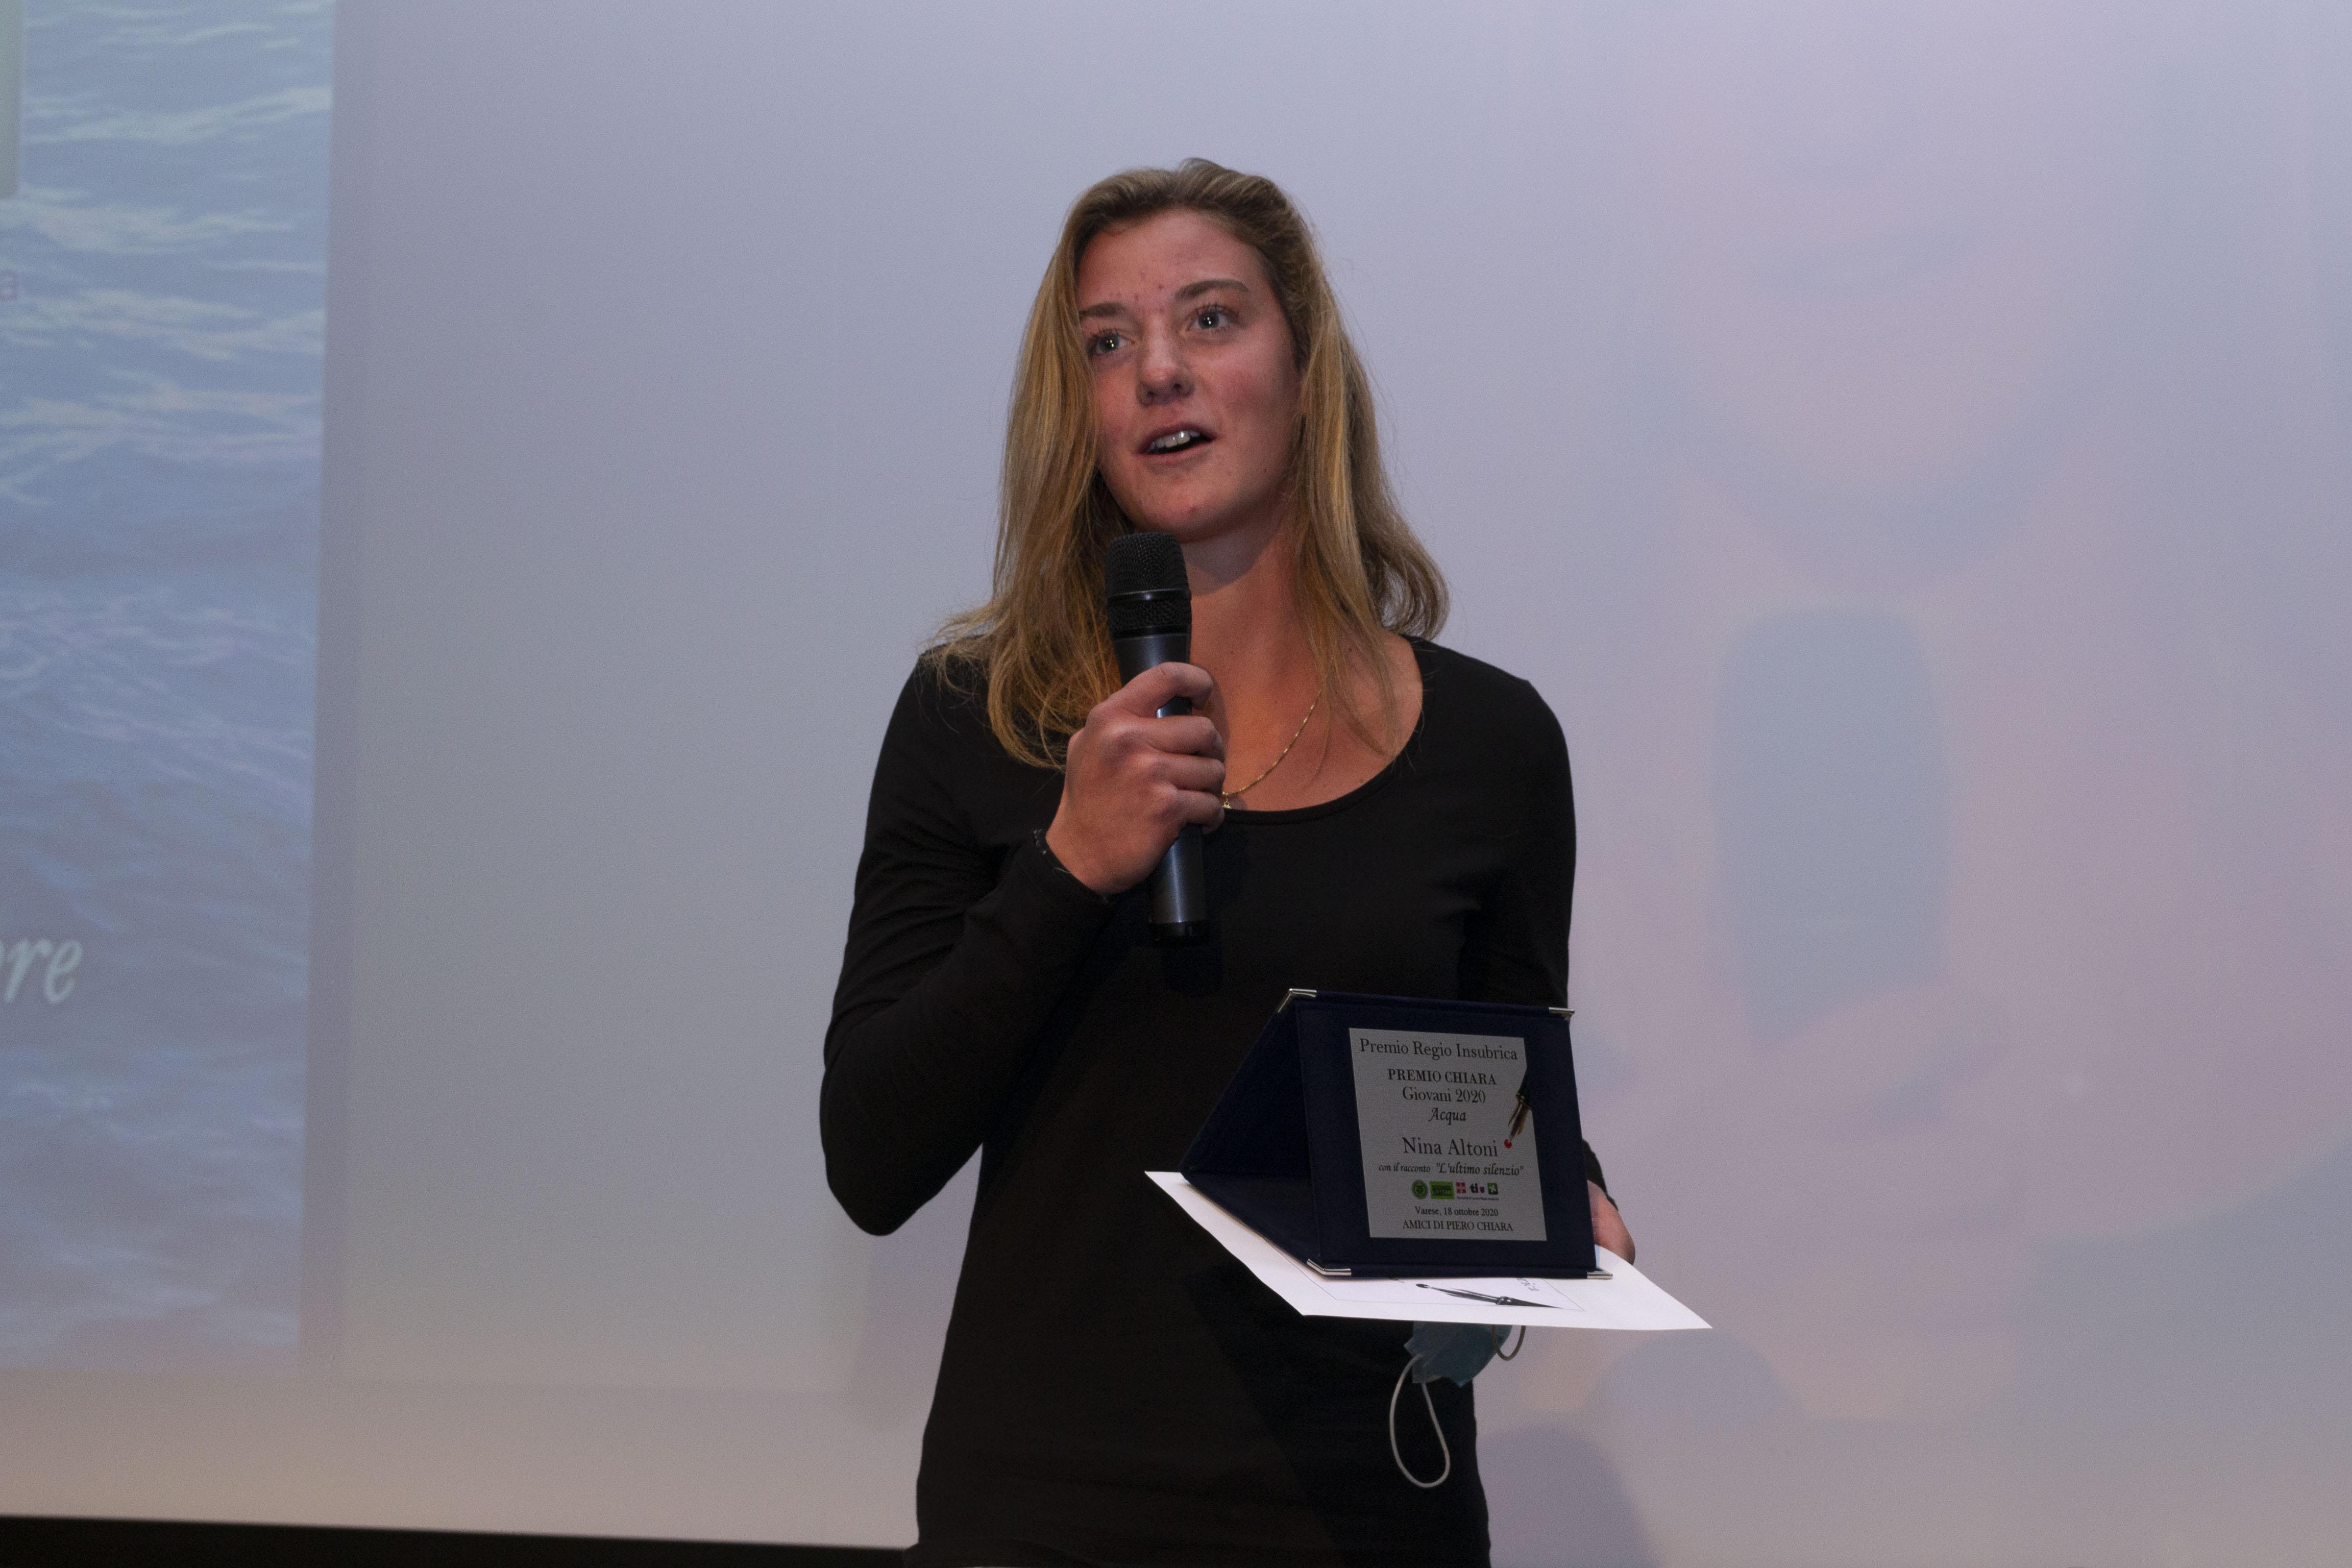 Nina Altoni Premio Regio Insubrica al Chiara Giovani 2020